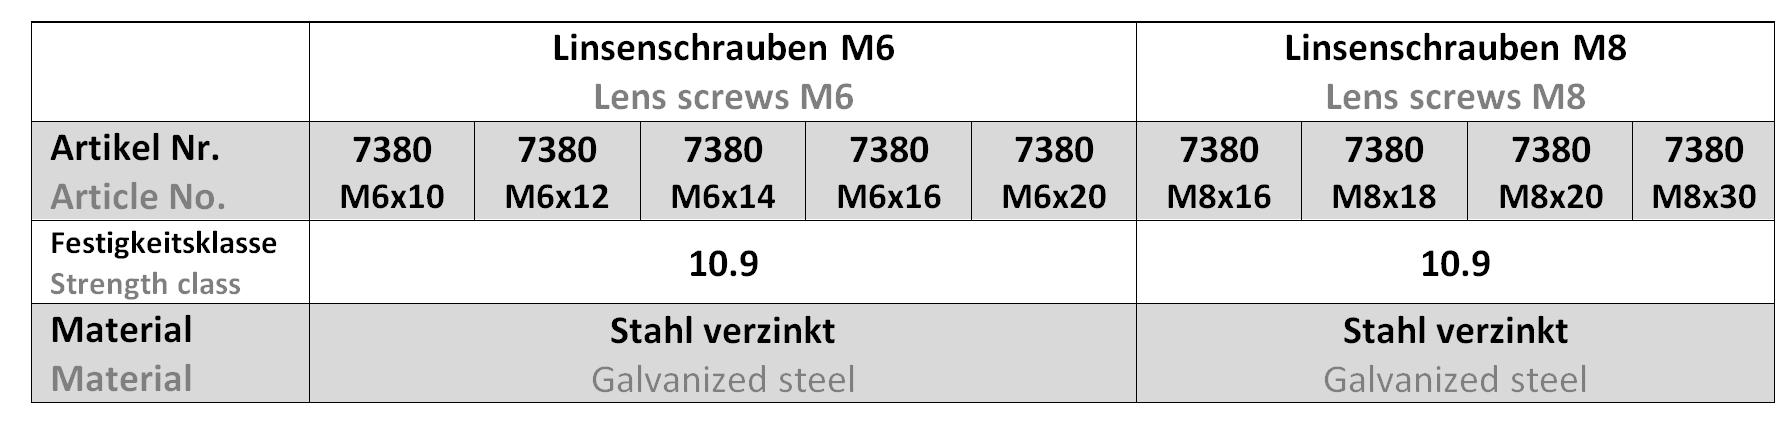 Linsenschrauben ISO7380 M6-M8 - 7380